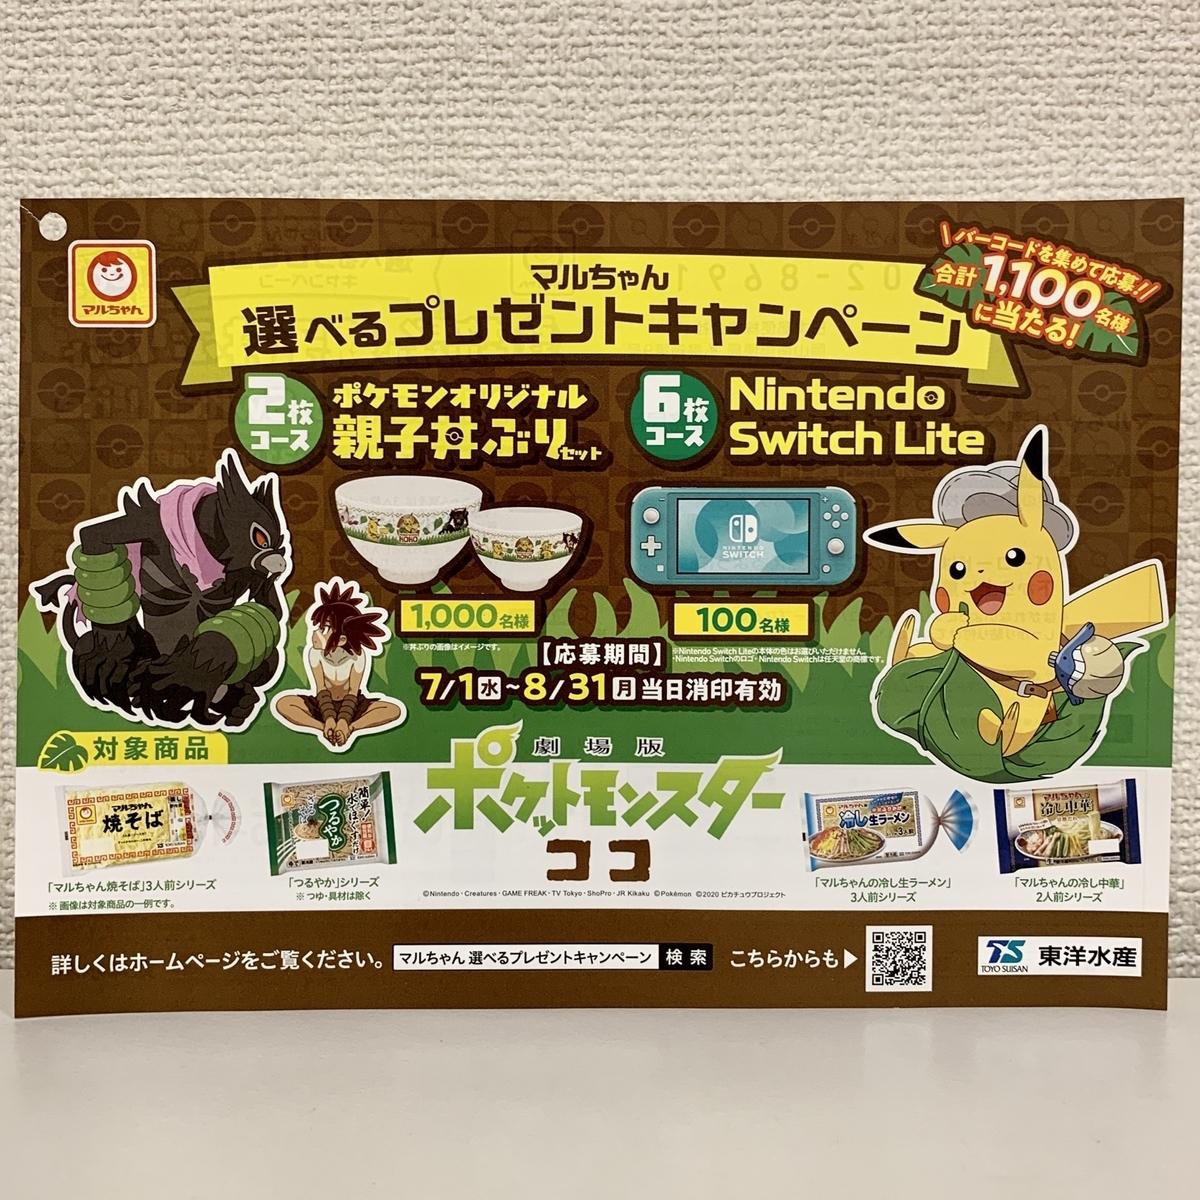 f:id:pikachu_pcn:20200705154608j:plain